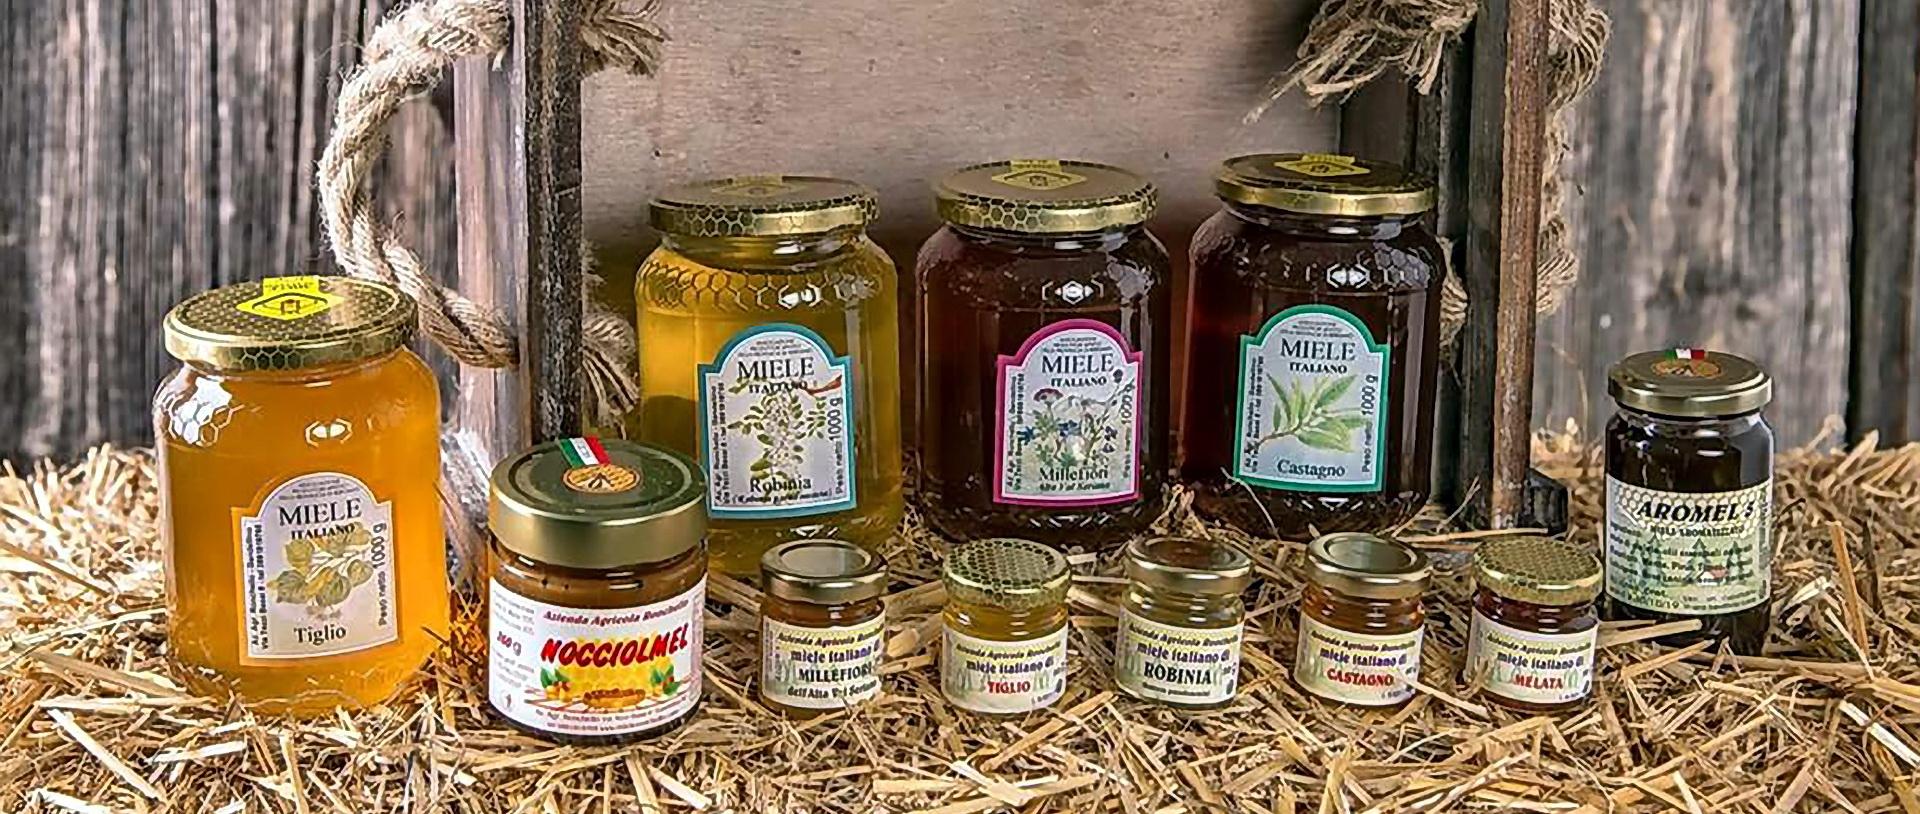 vendita miele barattoli ronchello